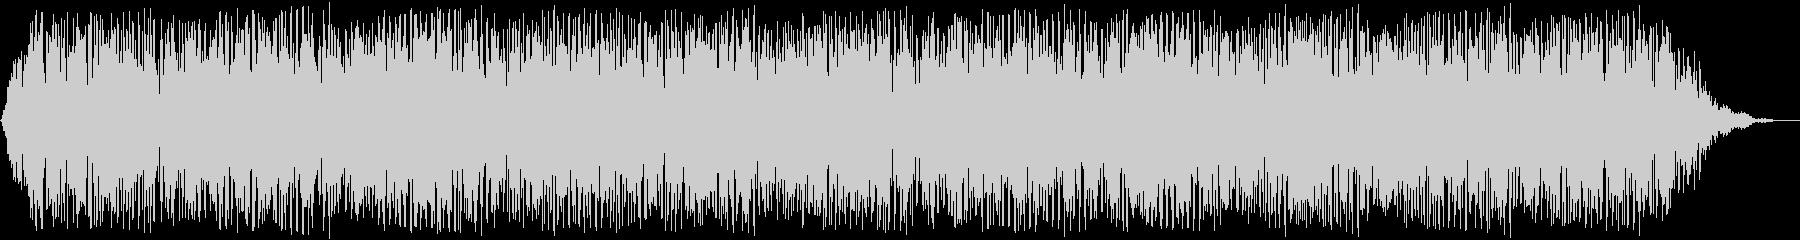 【アンビエント】ドローン_19 実験音の未再生の波形